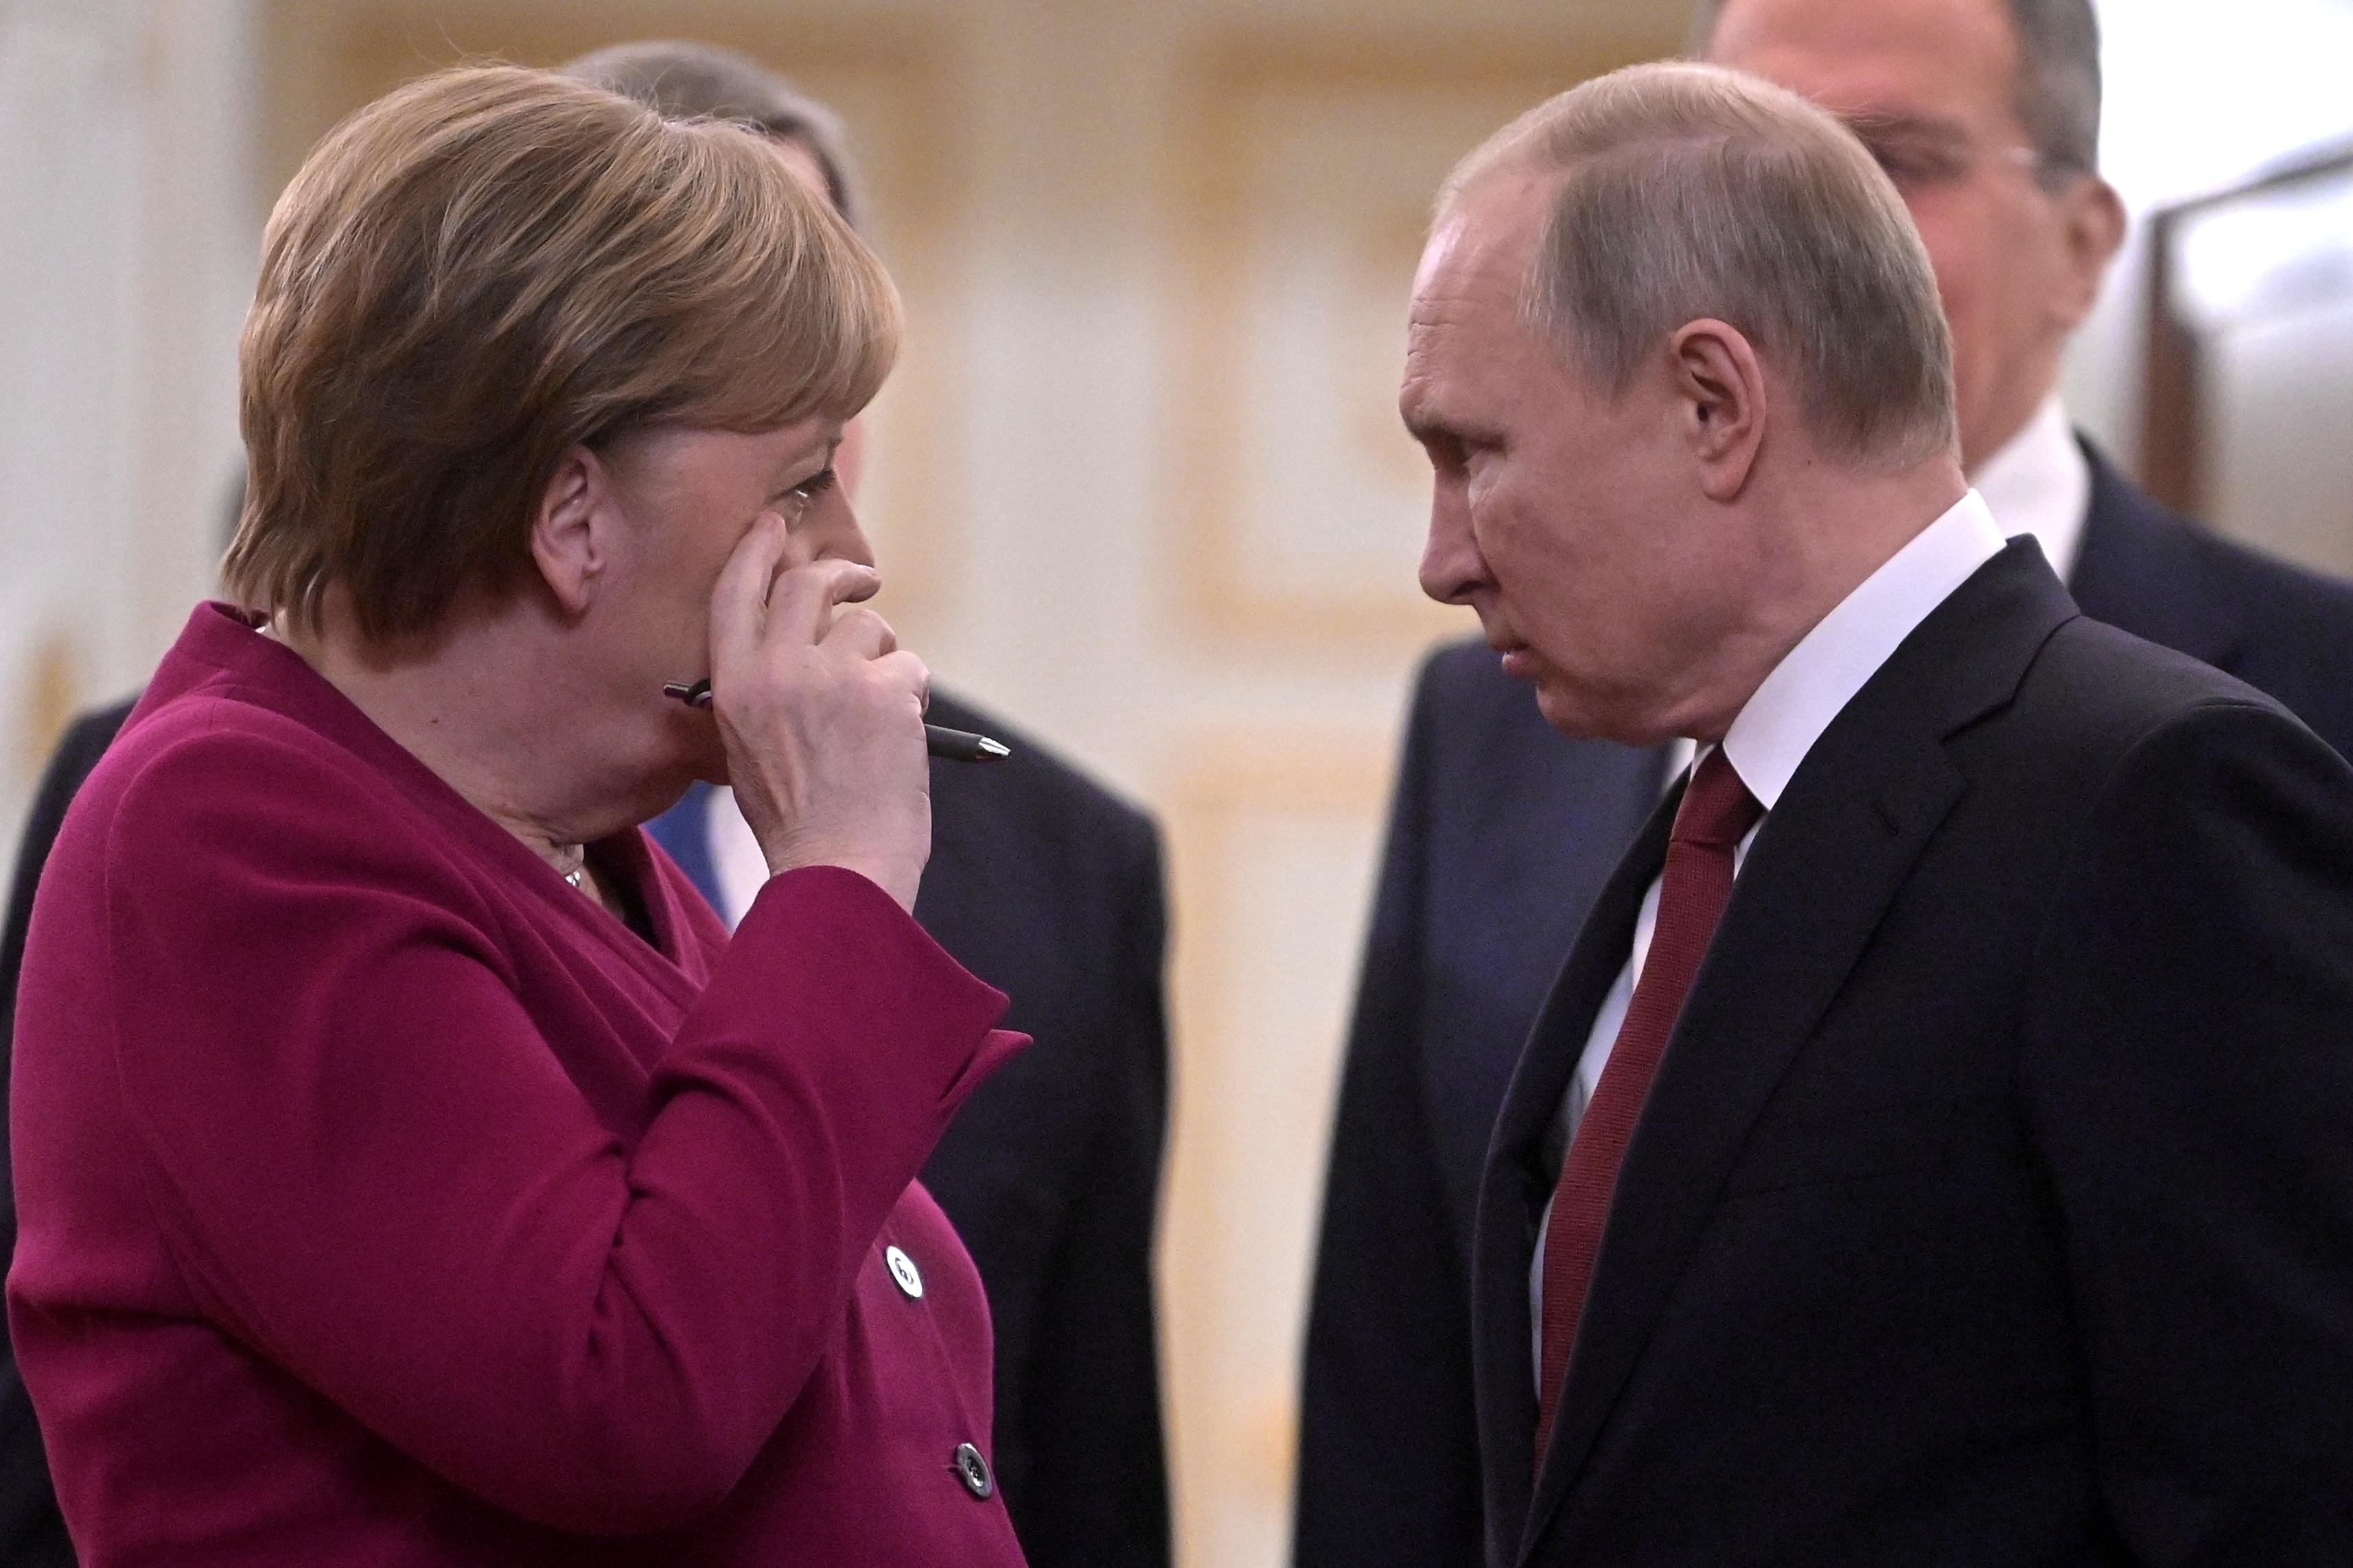 Πούτιν σε Μέρκελ: Δικό μας θέμα η μετακίνηση του στρατού οπουδήποτε στη Ρωσία